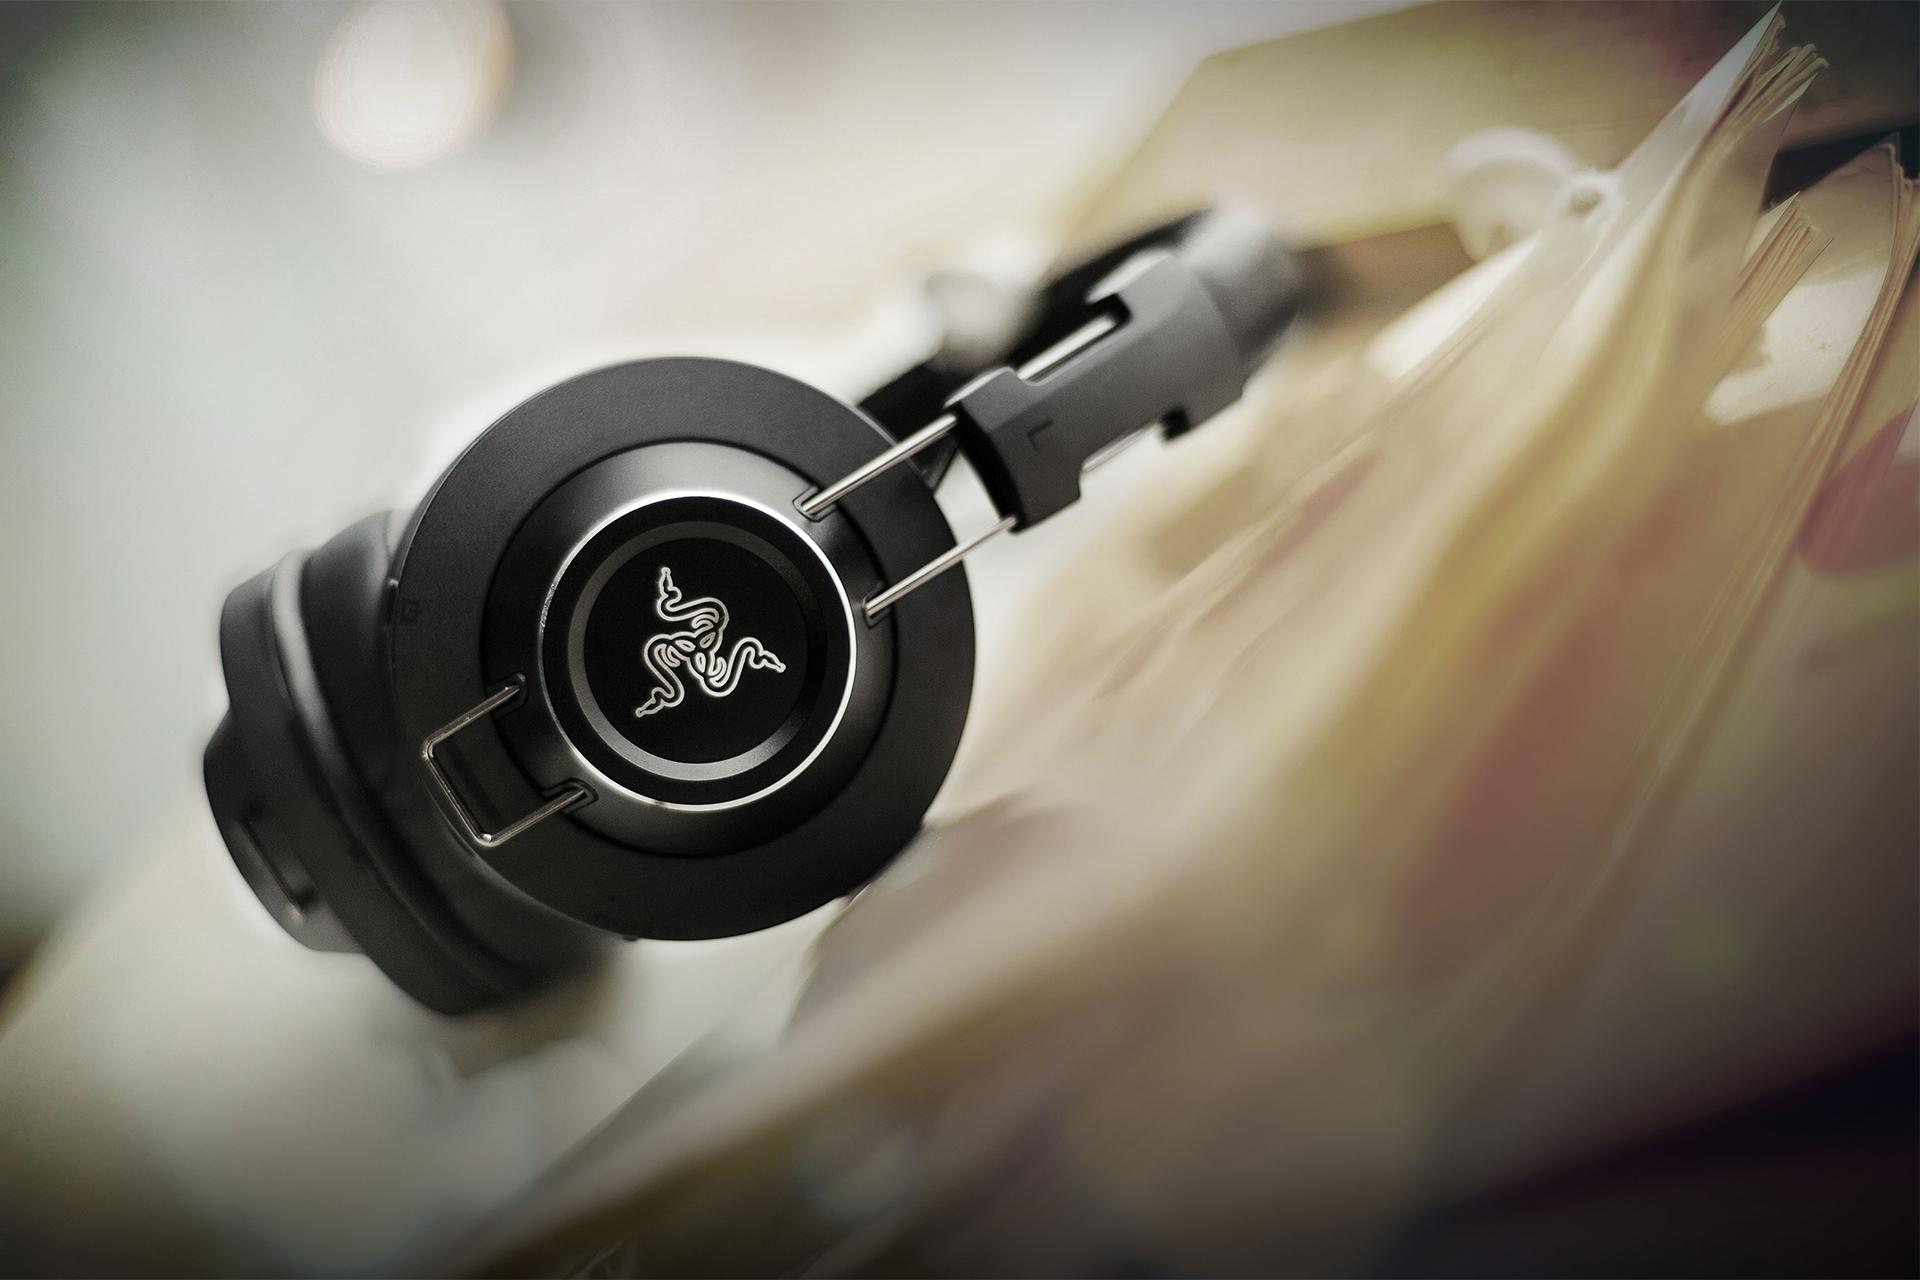 Razer headphones wireless - professional wireless headphones